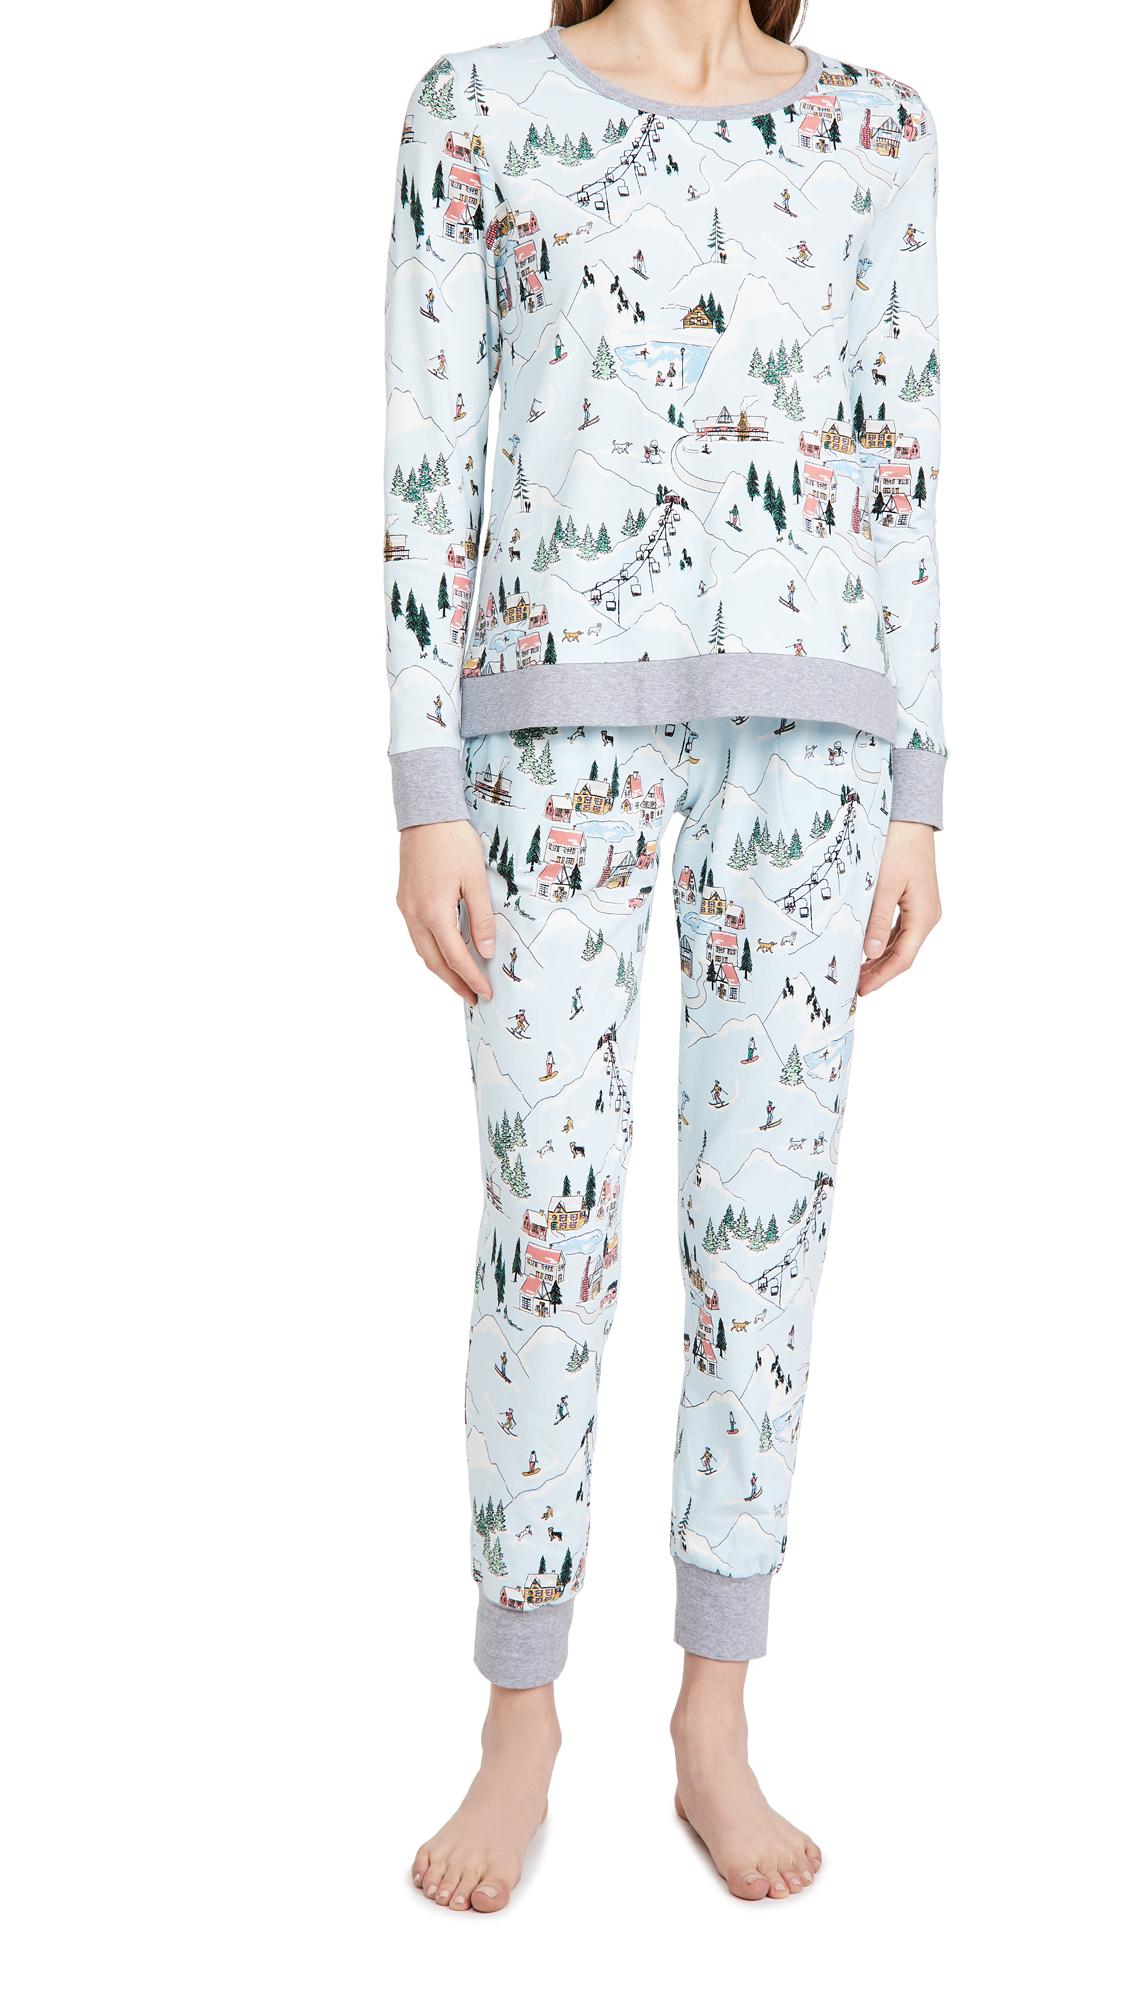 BedHead Pajamas Long Sleeve Crew Neck Joggers Pajama Set